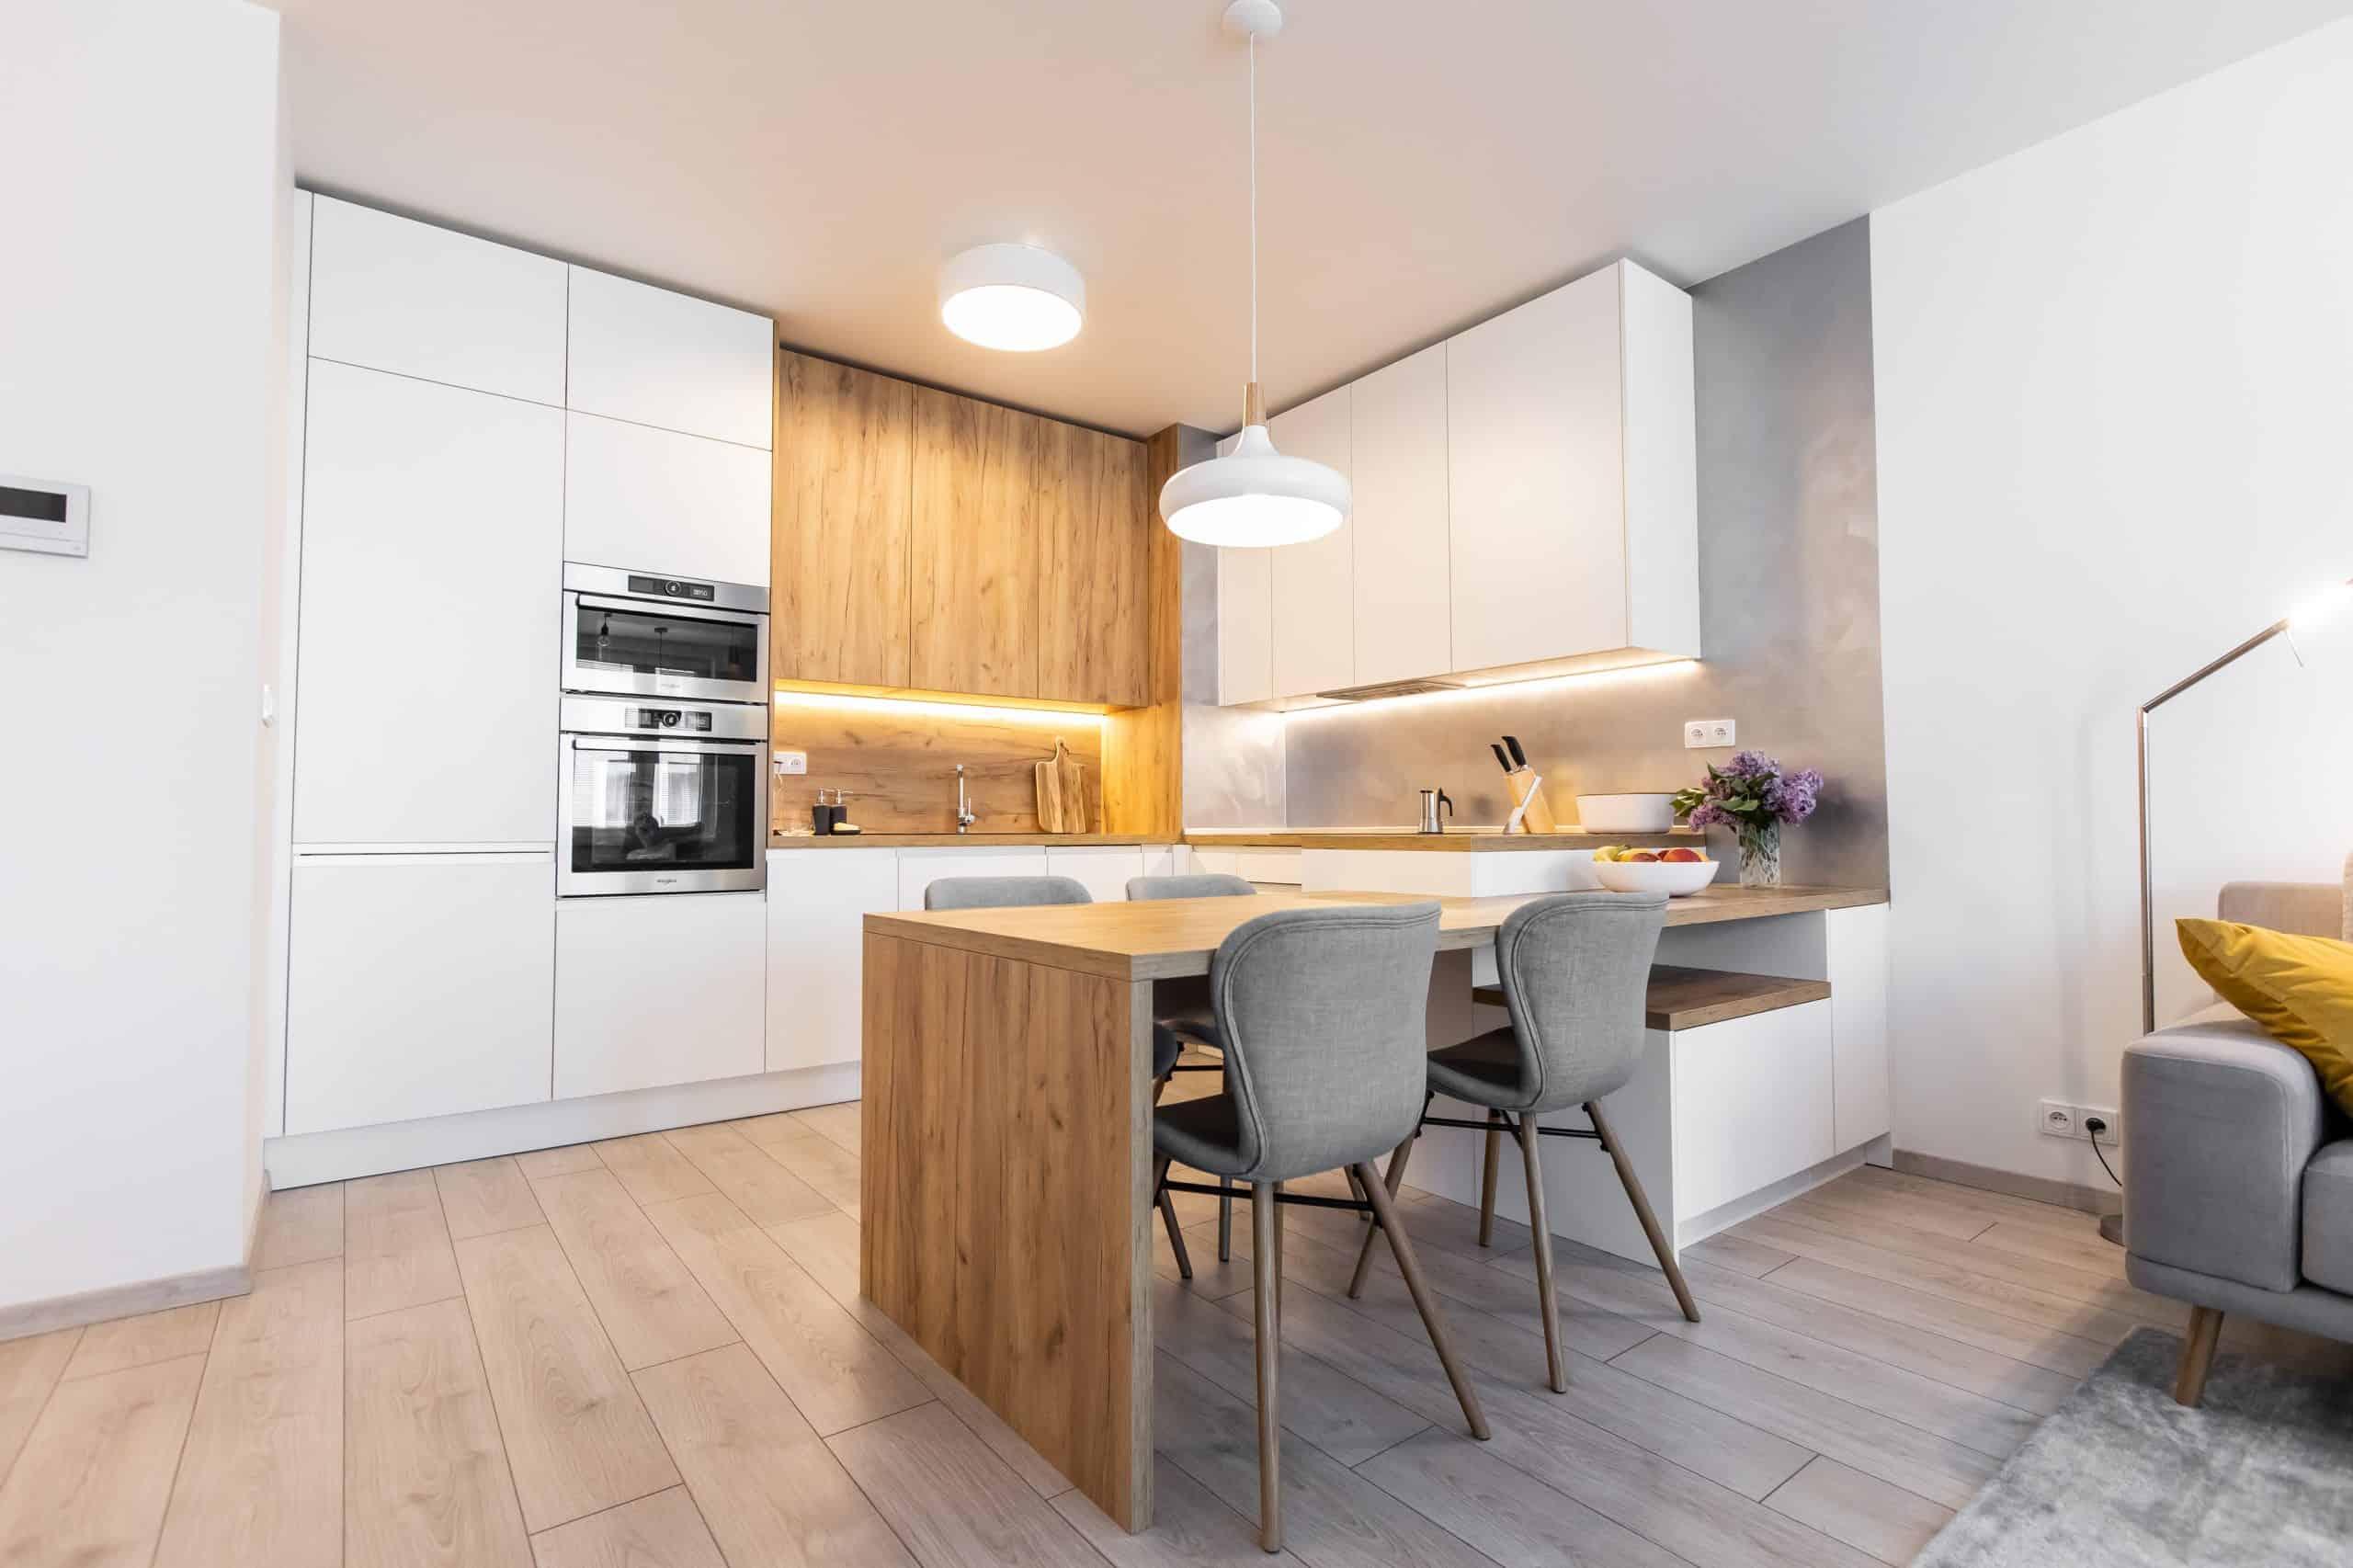 Biela kuchyna s drevom a so stolom